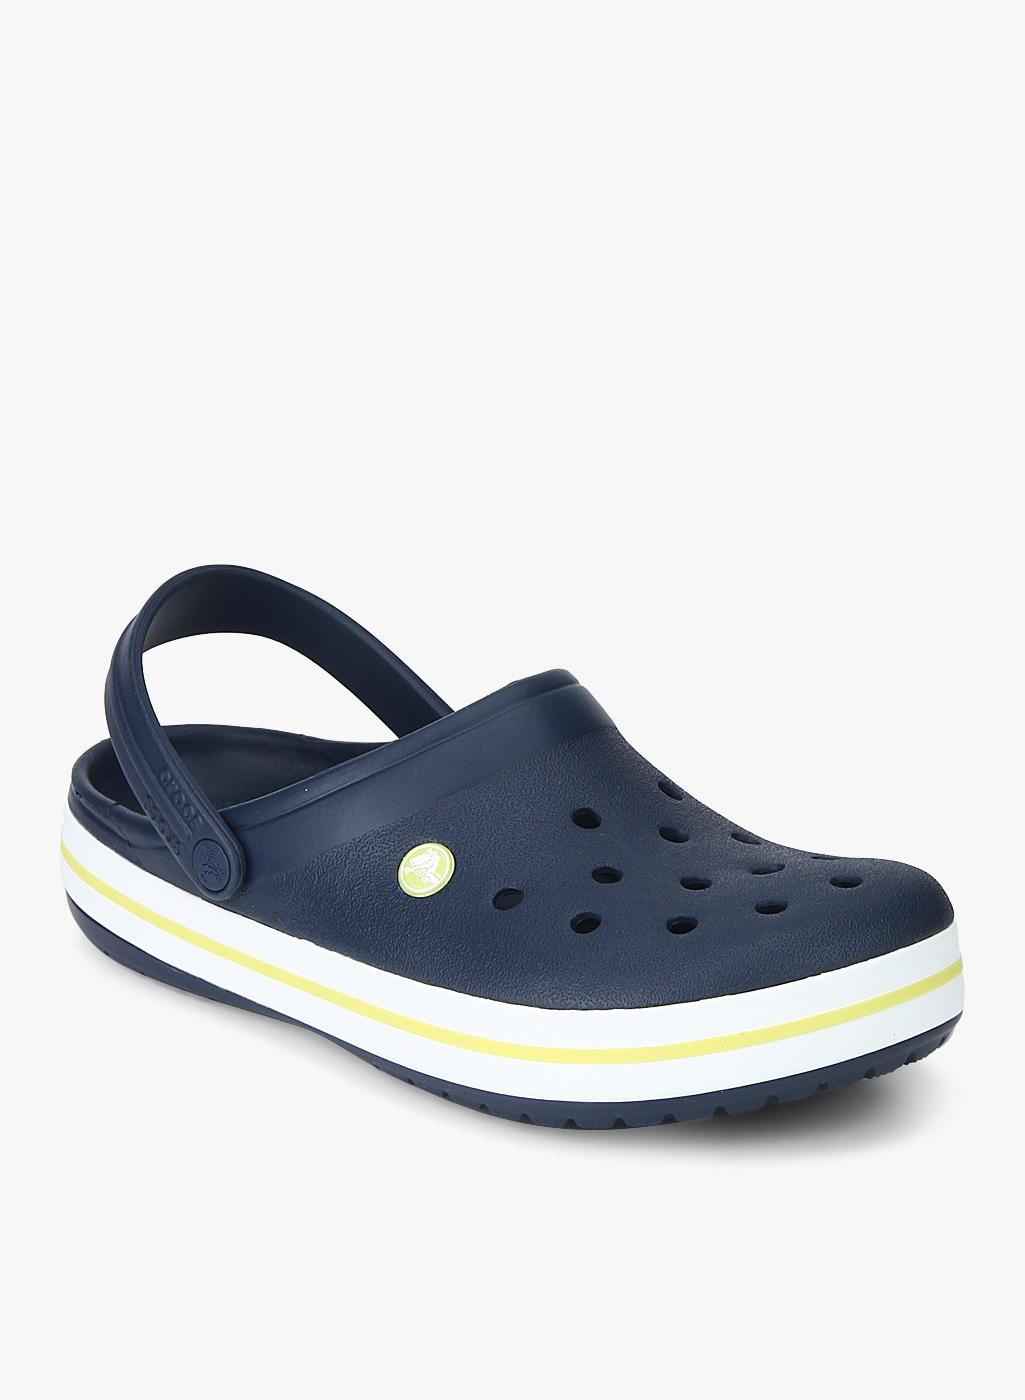 45d3f4c74dda8 Sandals Women Crocs Flip Flops - Buy Sandals Women Crocs Flip Flops online  in India